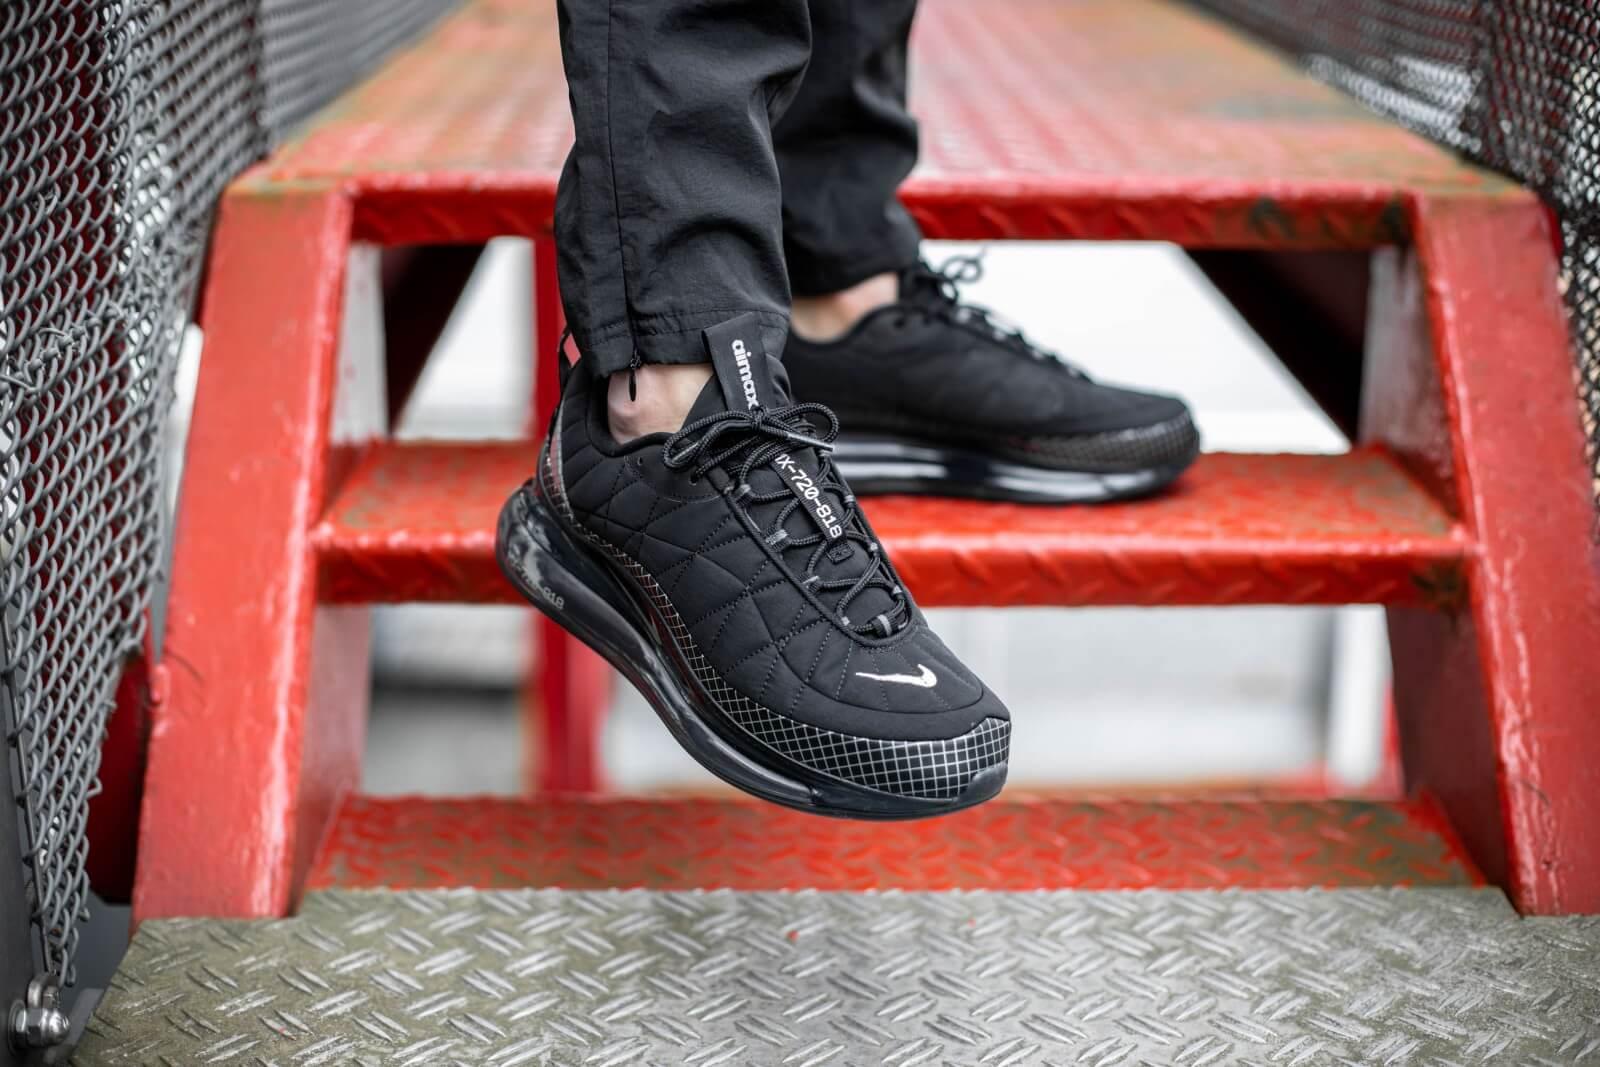 Nike Mx 720 818 Black Metallic Silver Ci3871 001